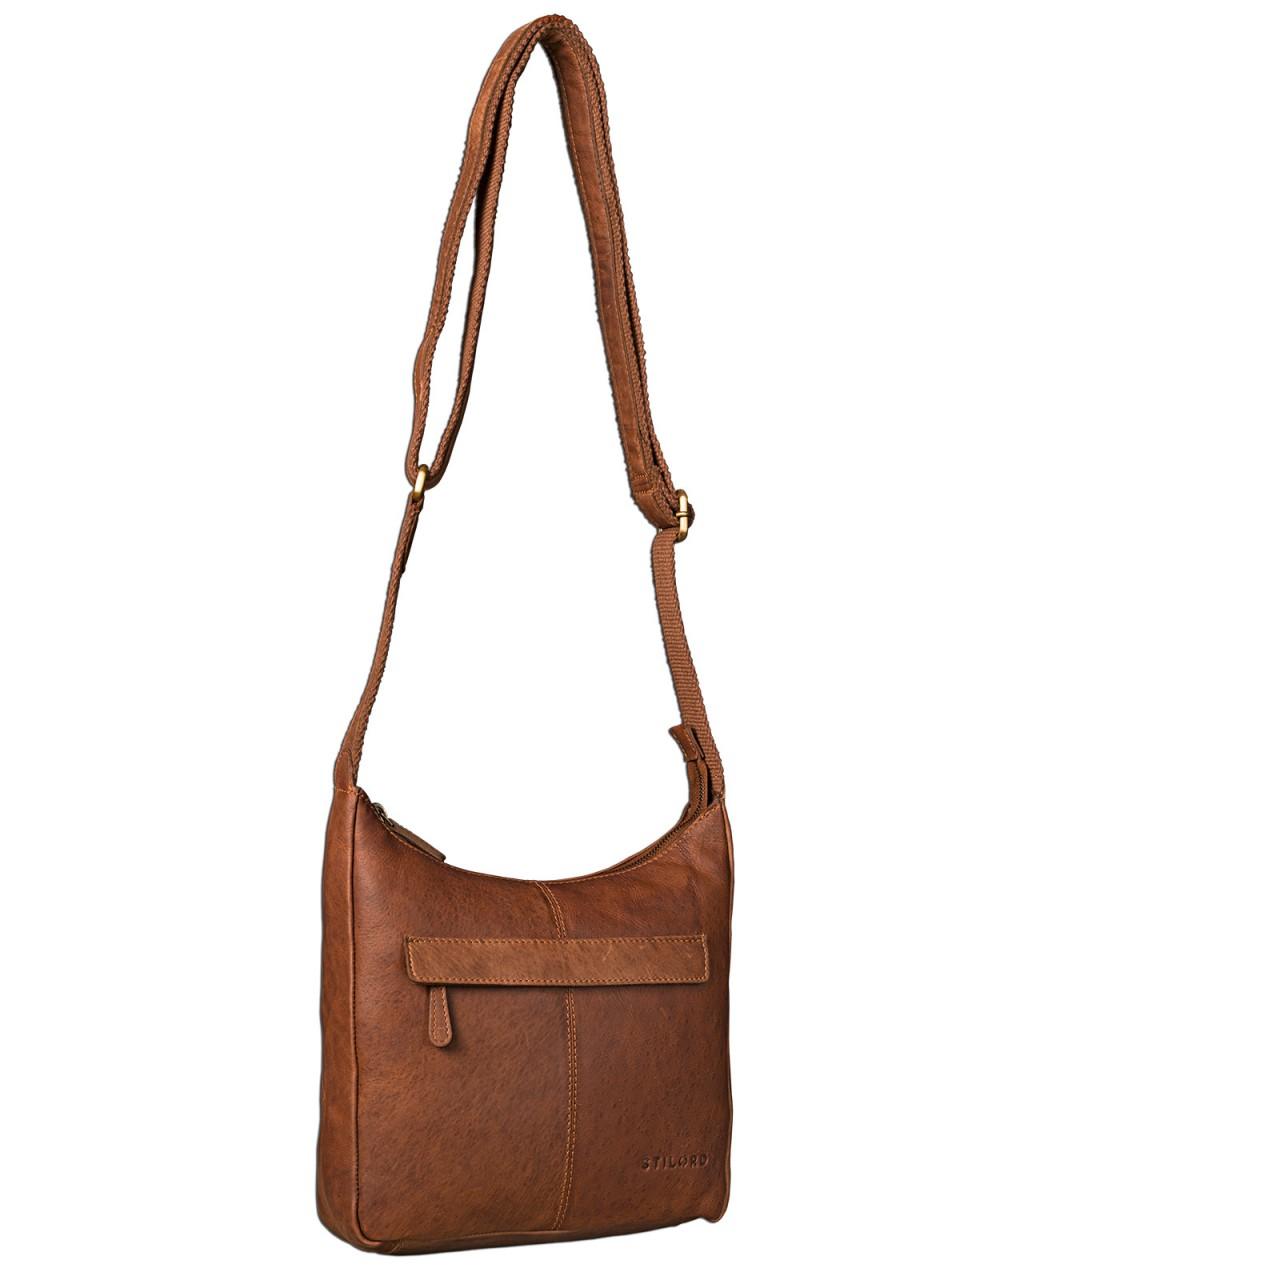 STILORD kleine Lederhandtasche Umhängetasche Vintage Handtasche mit verstellbarem Schulterriemen aus weichem Antik Leder Damen - Bild 24